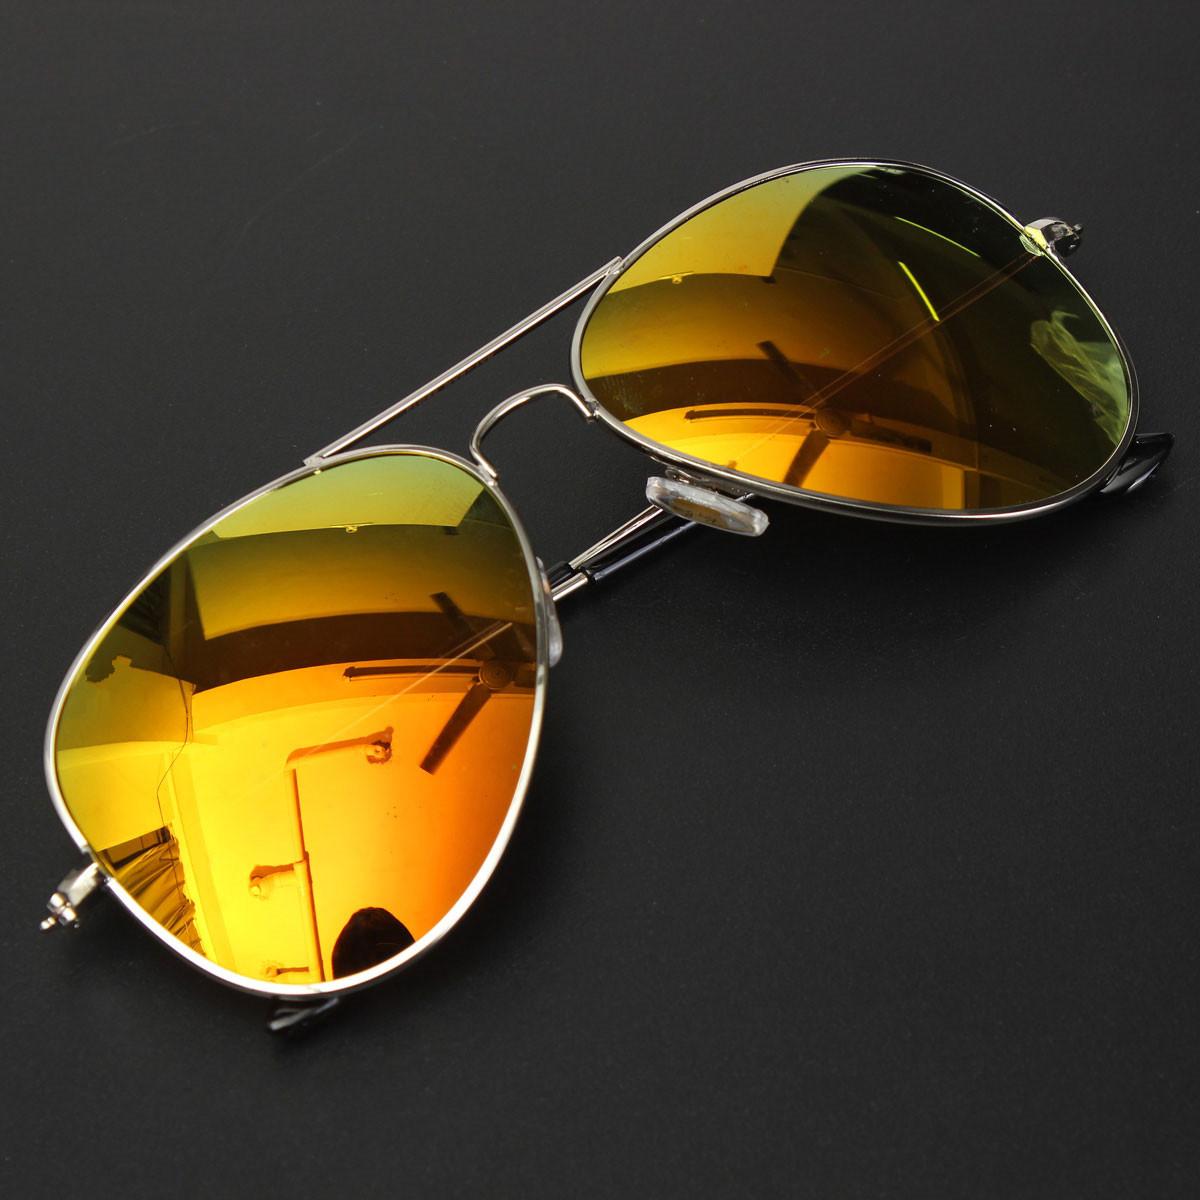 herren damen sonnenbrille pilotenbrille fliegerbrille fahrbrille radbrille h07 ebay. Black Bedroom Furniture Sets. Home Design Ideas